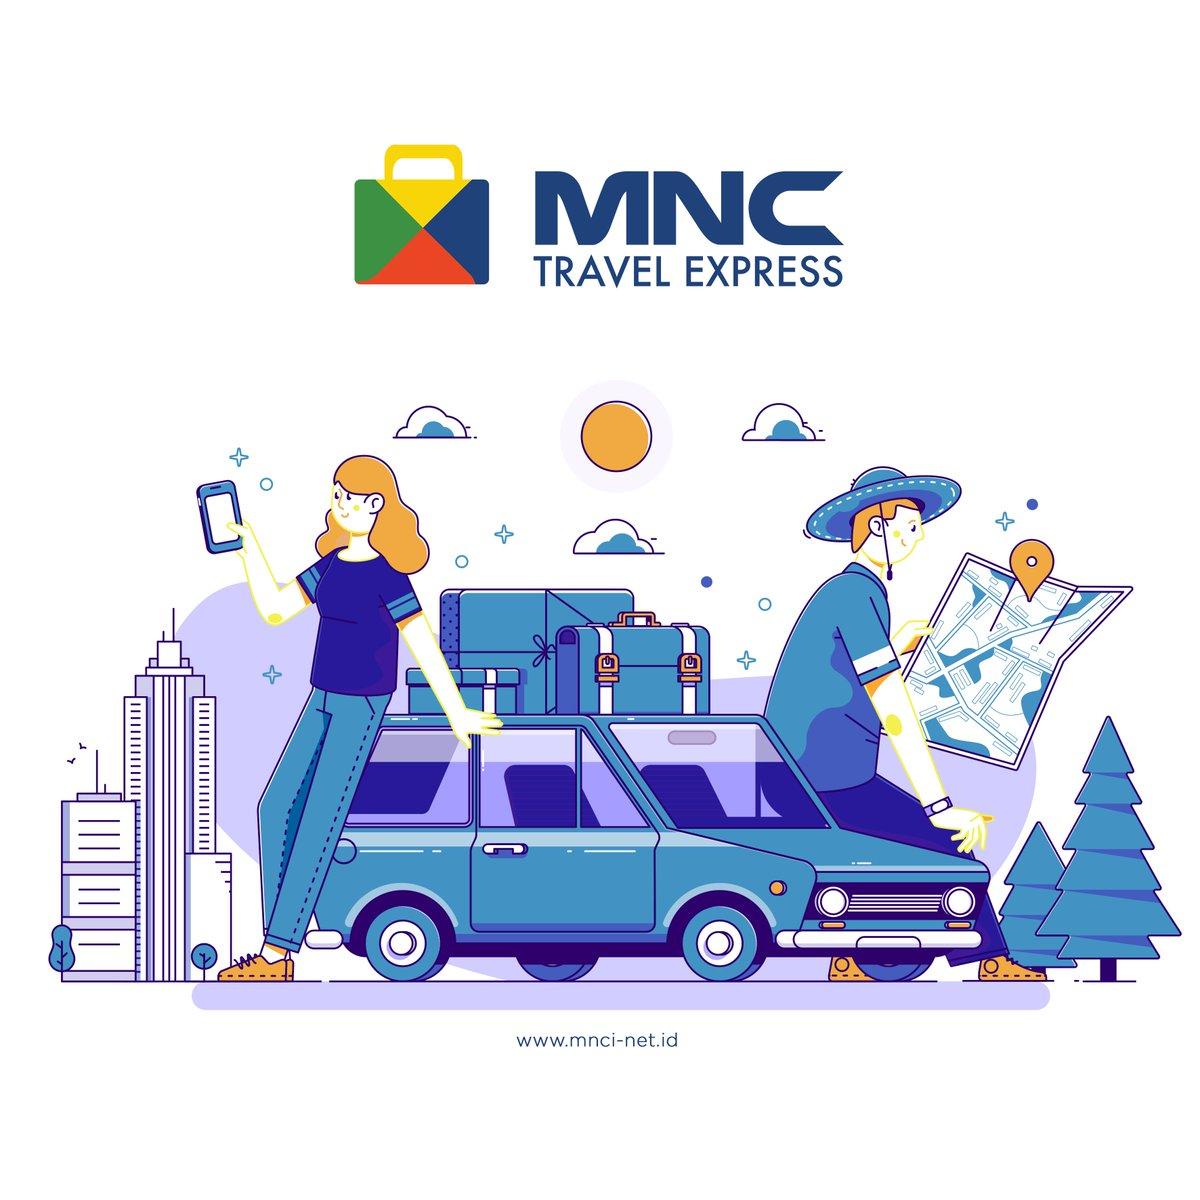 RT gambar ini maka kamu berkesempatan mendapat pulsa 25K. Periode giveaway 19 - 20 Februari 2019 #MNCInsurance